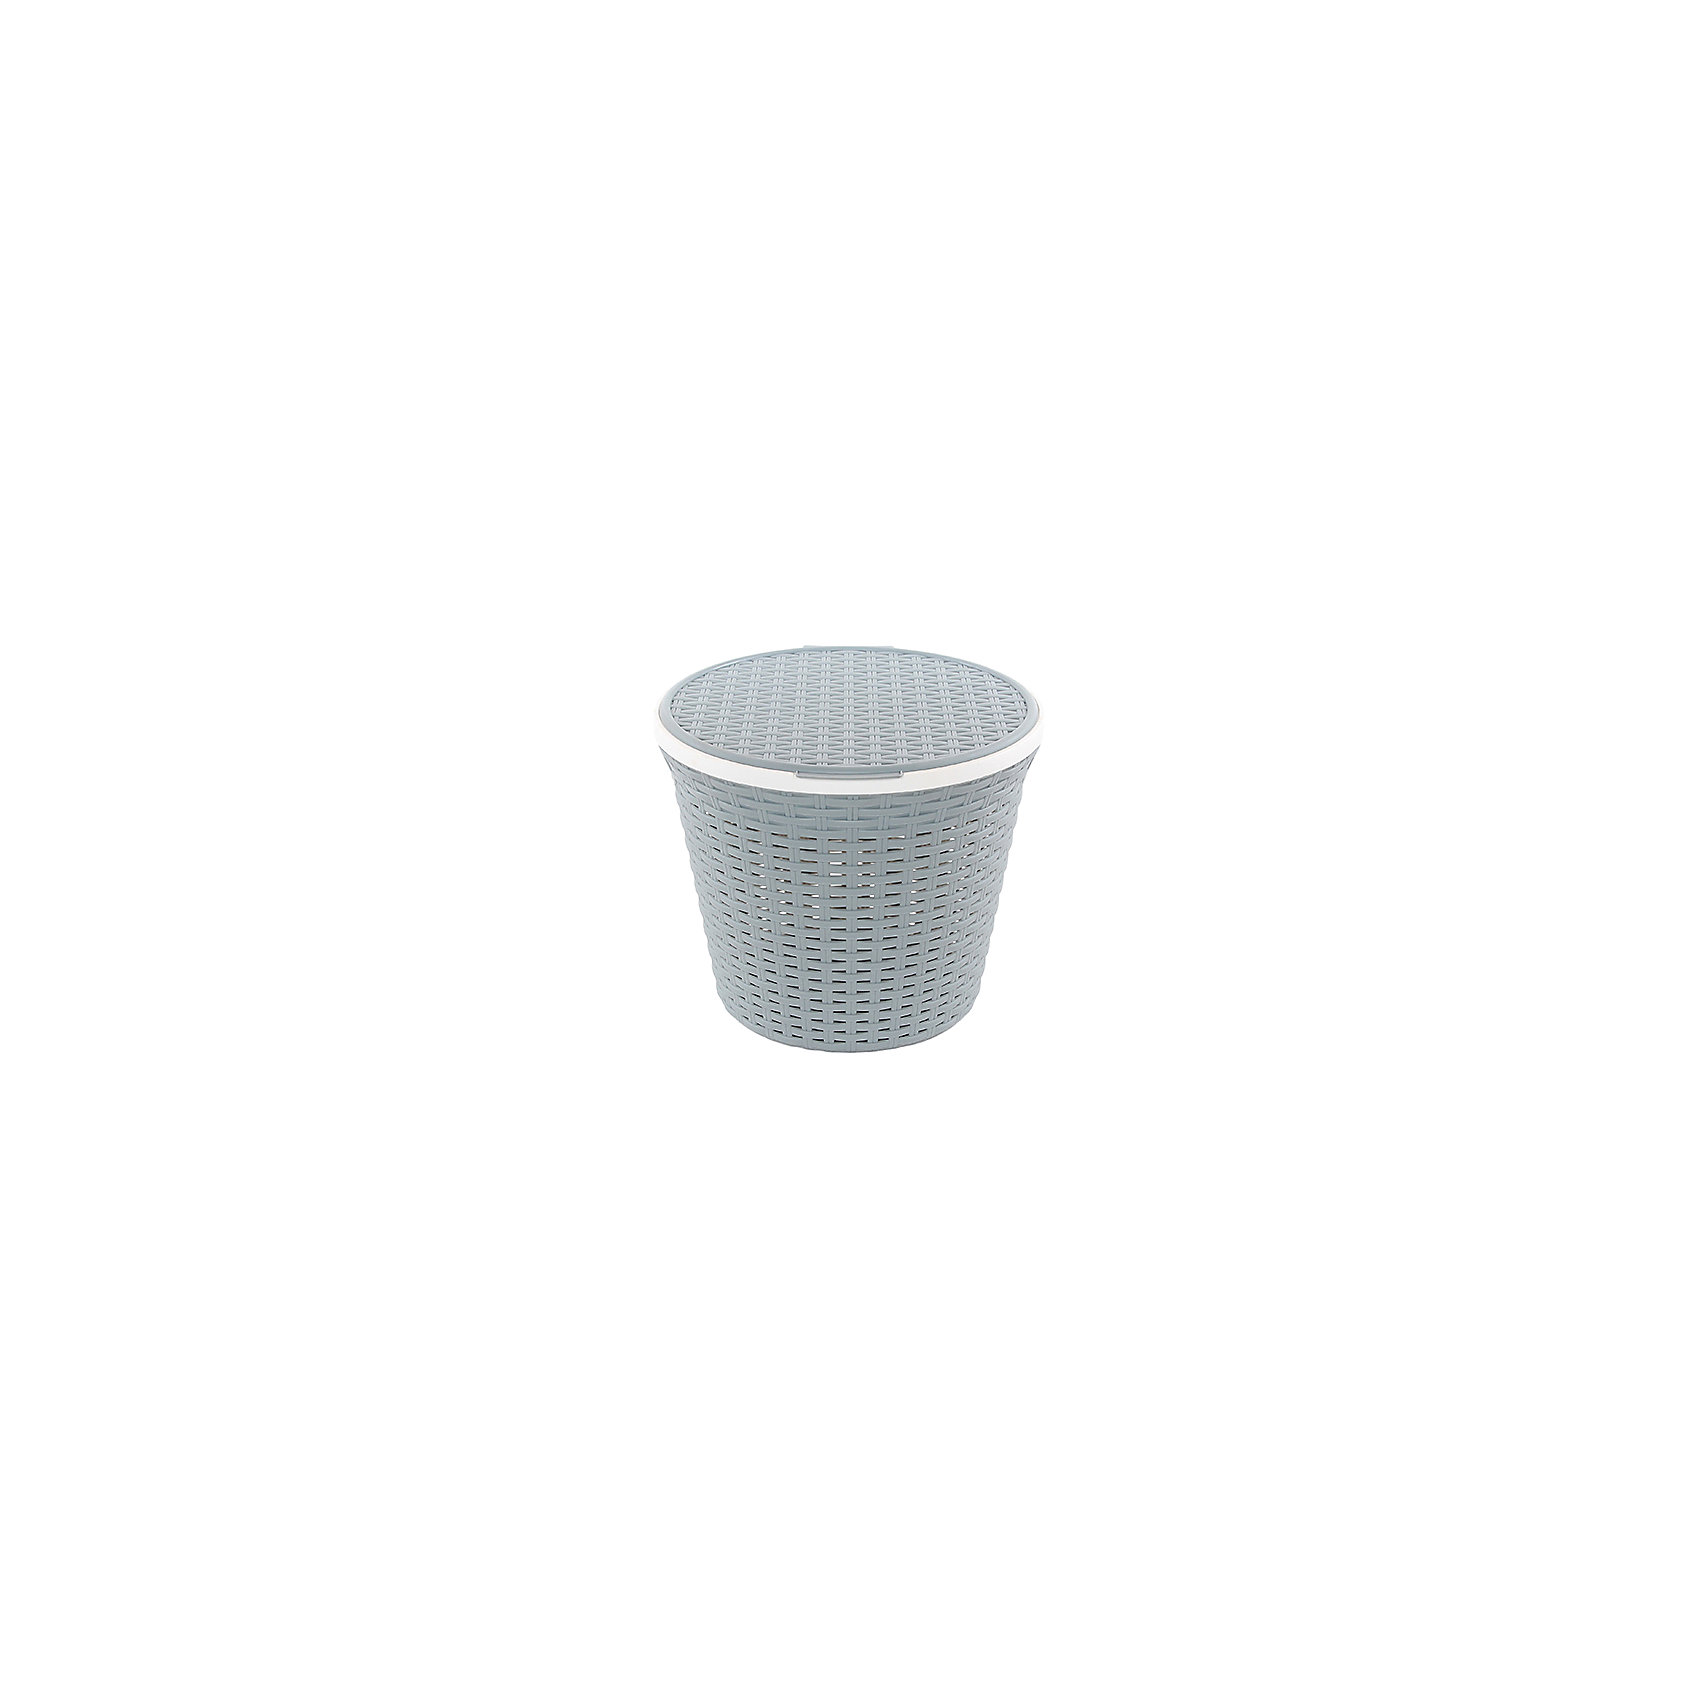 Корзина для хранения круглая 15 л.33*33*27 см. с крышкой Ротанг, Violet, серыйВанная комната<br>Характеристики товара:<br><br>• цвет: серый<br>• материал: полипропилен<br>• размер: 33 х 33 х 27 см<br>• вес: 400 г<br>• объем: 15 л<br>• с крышкой<br>• естественная вентиляция<br>• из экологически чистого пластика<br>• удобная<br>• эргономичная<br>• вместительная<br>• универсальный размер<br>• страна бренда: Российская Федерация<br>• страна производства: Российская Федерация<br><br>Эта корзина для хранения - отличный пример красивой и функциональной вещи для любого интерьера. Благодаря универсальному дизайну и расцветке предмет хорошо будет смотреться в помещении. Отлично подходит для ванных комнат.<br><br>Корзина для хранения может стать отличным приобретением для дома или подарком для любителей красивых удобных вещей.<br><br>Бренд Violet - это красивые и практичные товары для дома с современным дизайном. Они добавляют в жильё уюта и комфорта! <br><br>Корзину для хранения круглая 15 л.33*33*27 см. с крышкой Ротанг, Violet, серый, можно купить в нашем интернет-магазине.<br><br>Ширина мм: 330<br>Глубина мм: 330<br>Высота мм: 270<br>Вес г: 430<br>Возраст от месяцев: 0<br>Возраст до месяцев: 1188<br>Пол: Унисекс<br>Возраст: Детский<br>SKU: 6668846